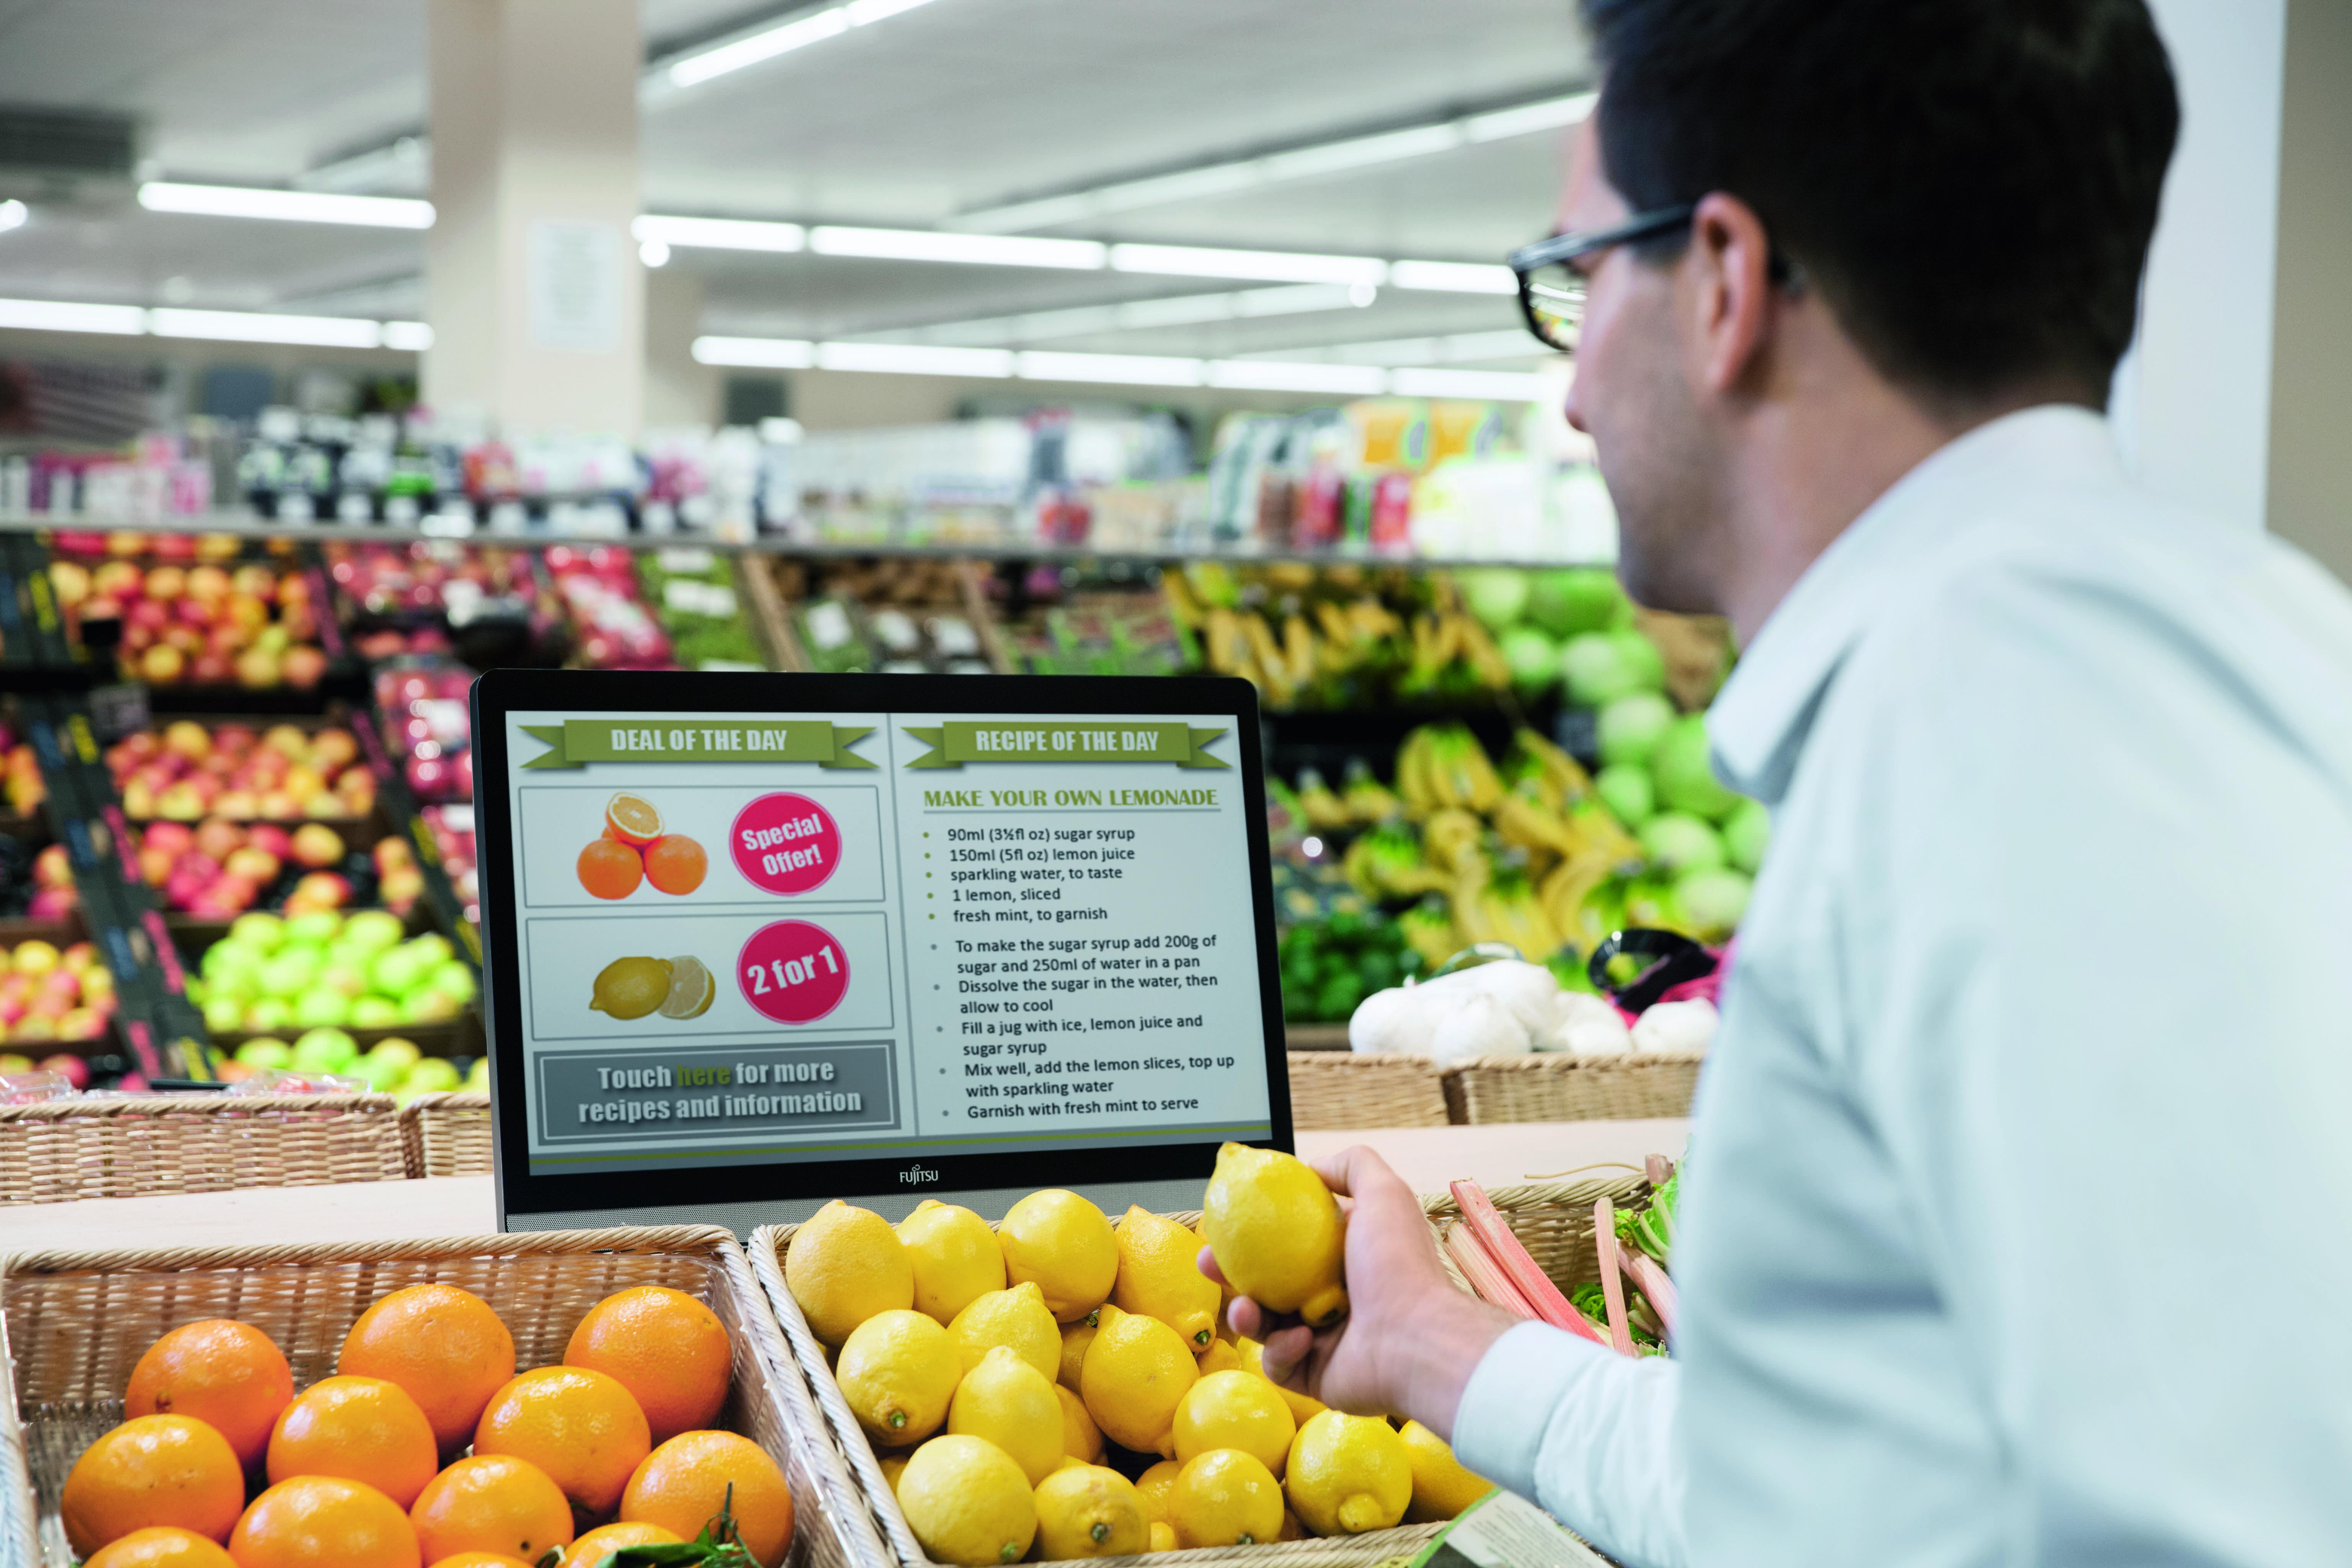 Sztuczna inteligencja wkracza do sklepów – najważniejsze trendy w handlu detalicznym w 2019 roku